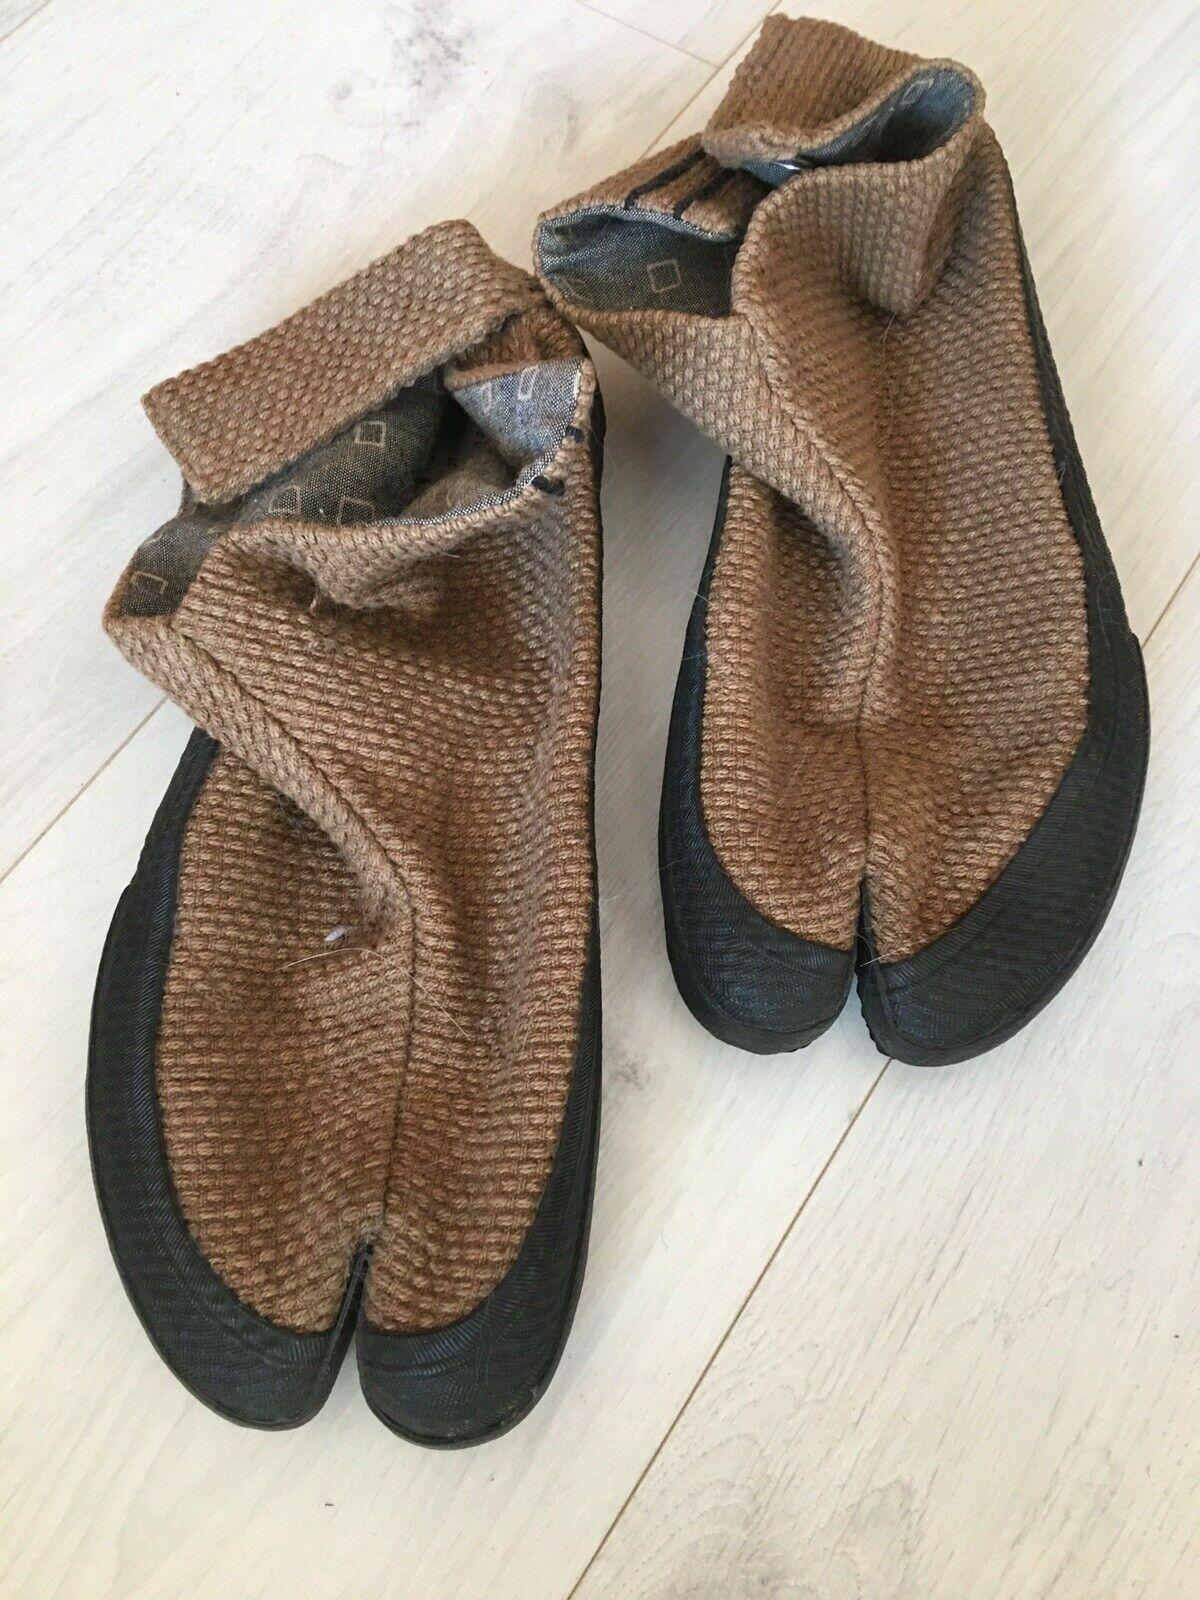 Sou Sou Japanische Ninja Schuhe Gr. 40, Stoff braun